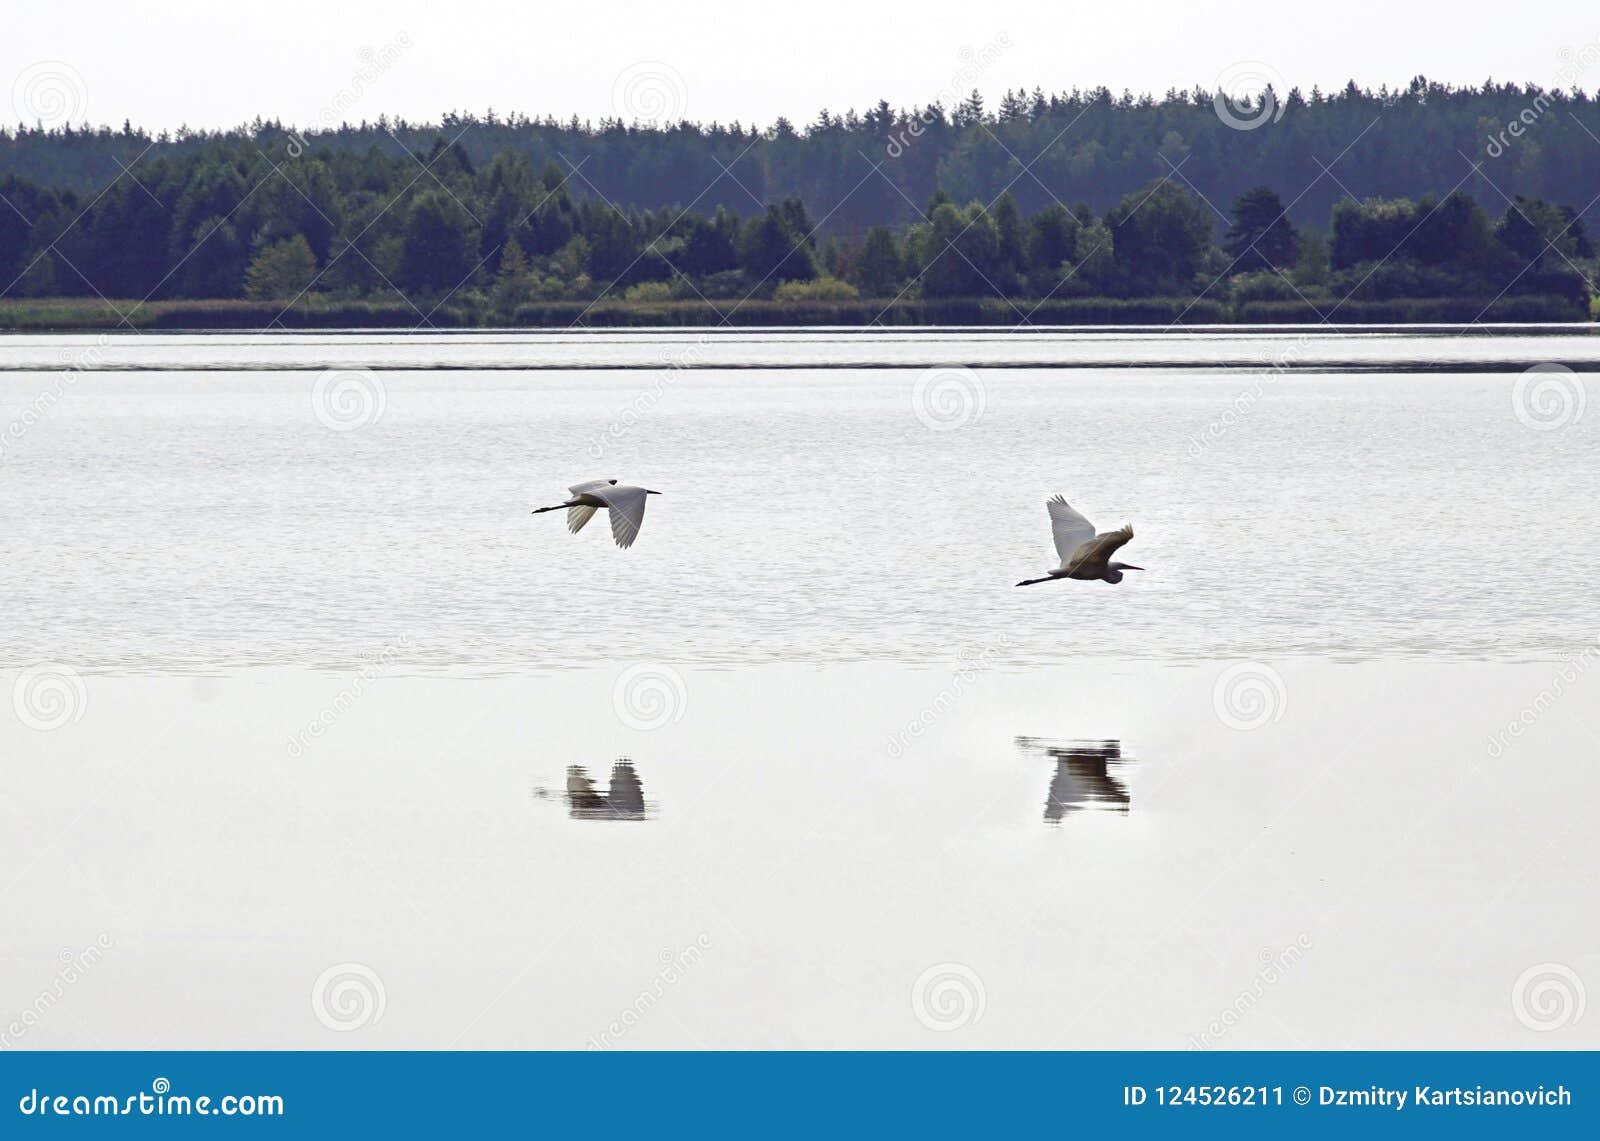 Großes Weiß-Reiher Sommertag in August Lake vögel Wasser und Reflexion